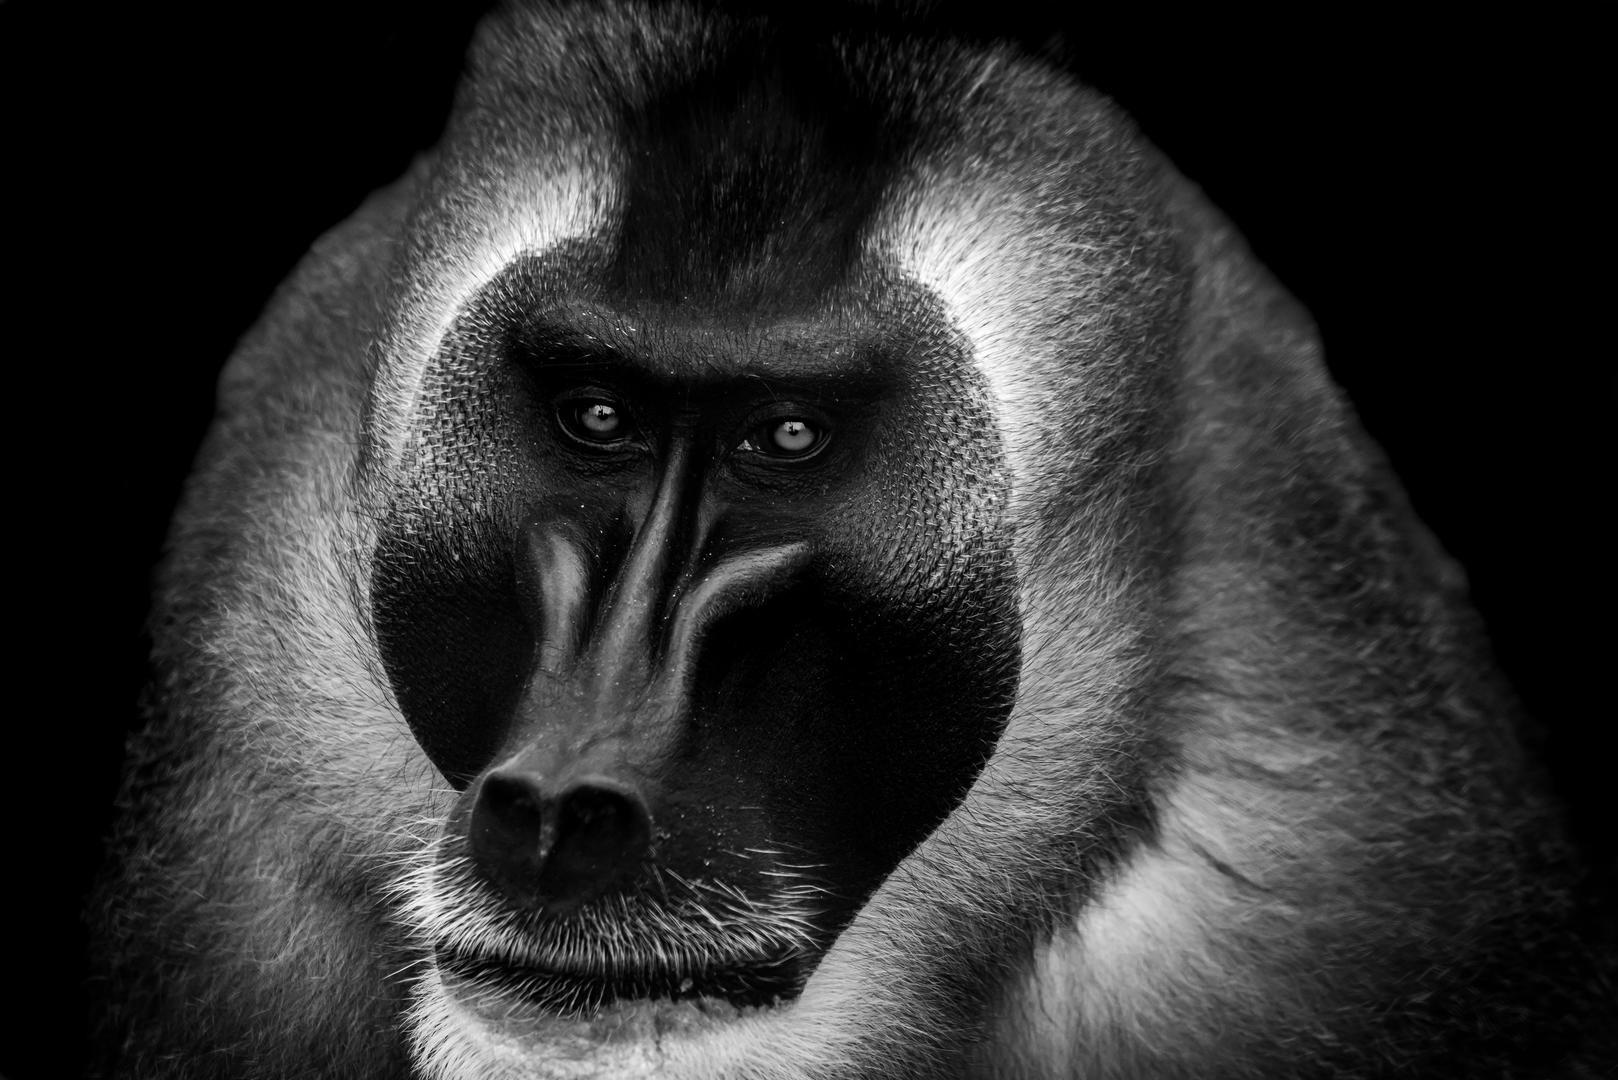 © R G Photography, Фотоконкурс «В чёрно-белом» от PDN